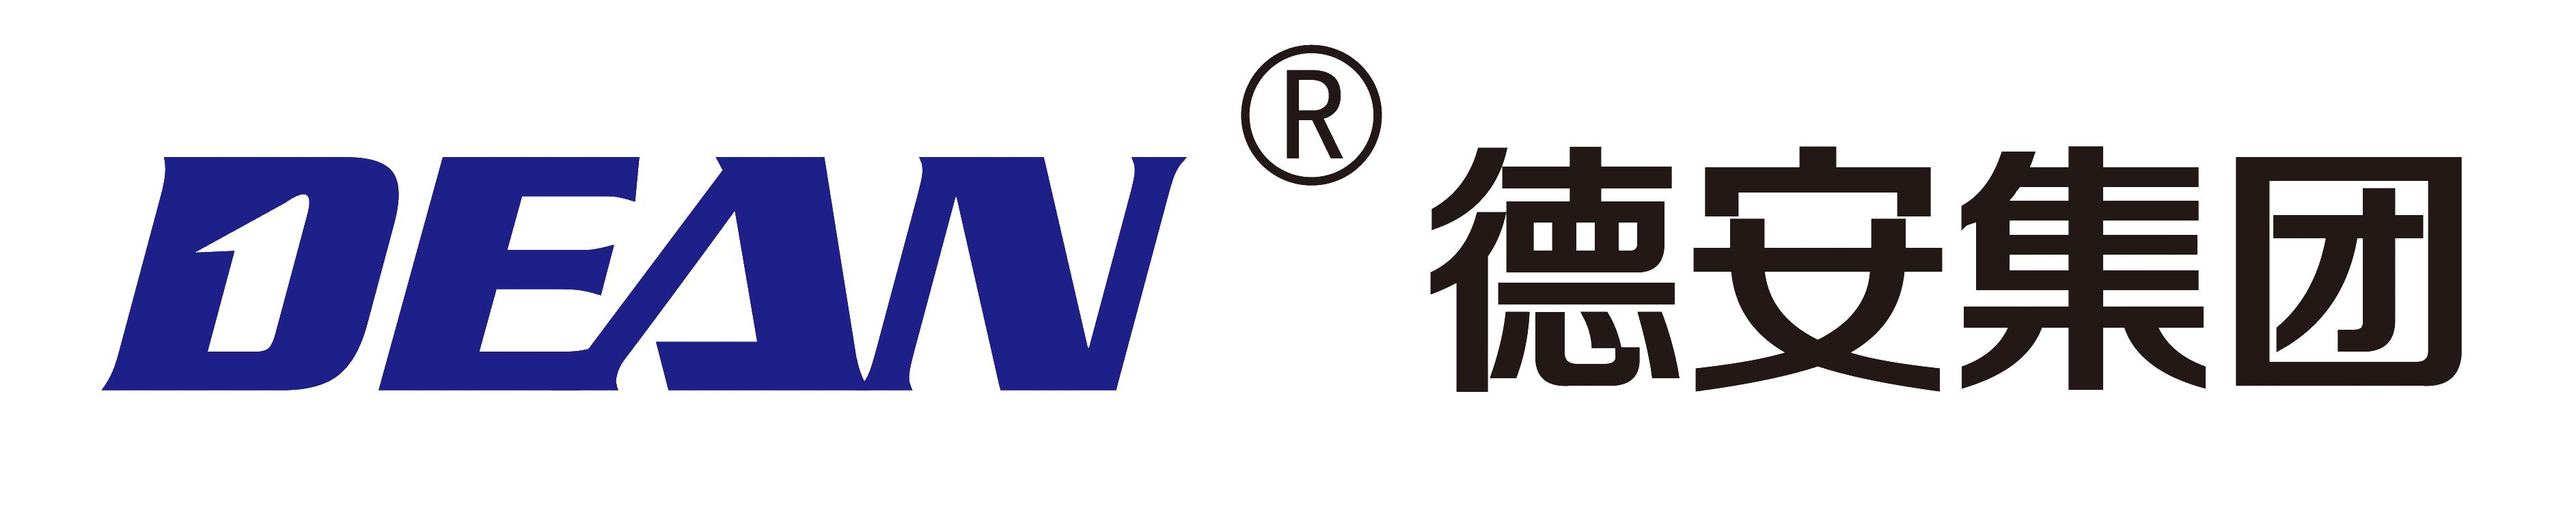 浙江德安科技股份有限公司